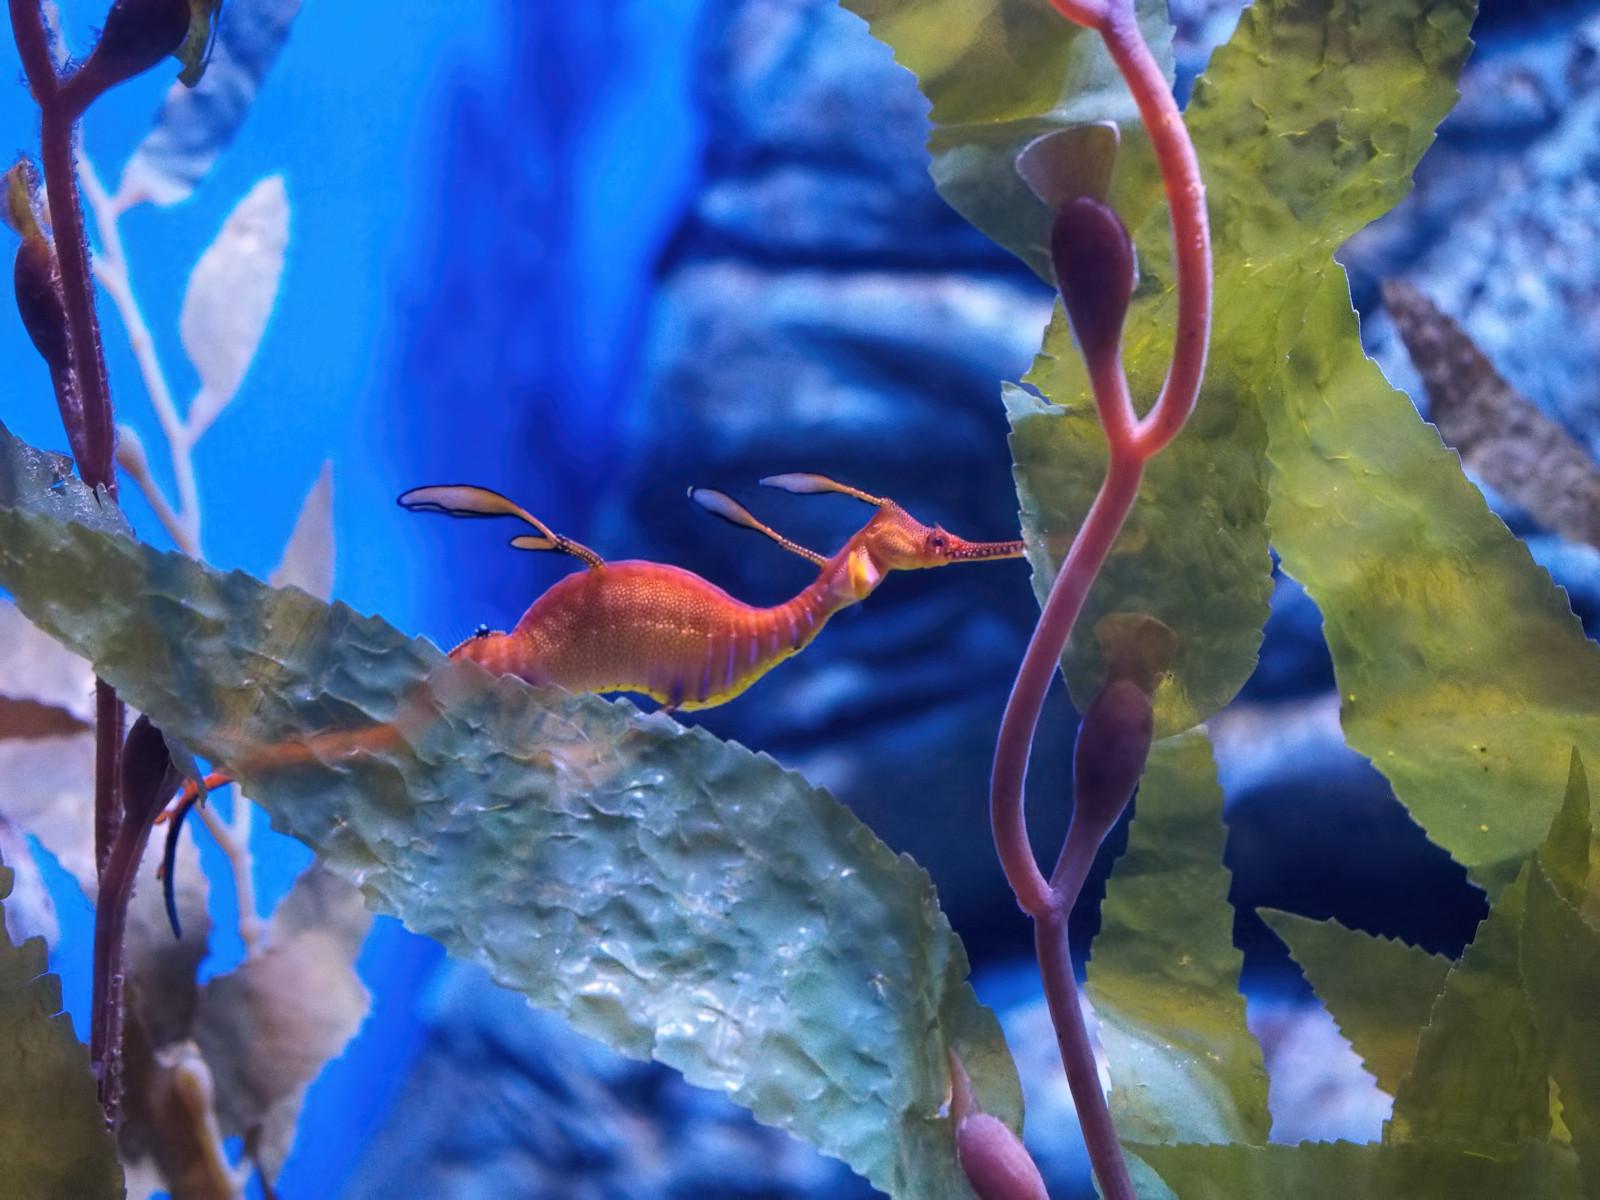 fond d 39 cran eau poisson sous marin aquarium australie perth arbre feuille plante. Black Bedroom Furniture Sets. Home Design Ideas